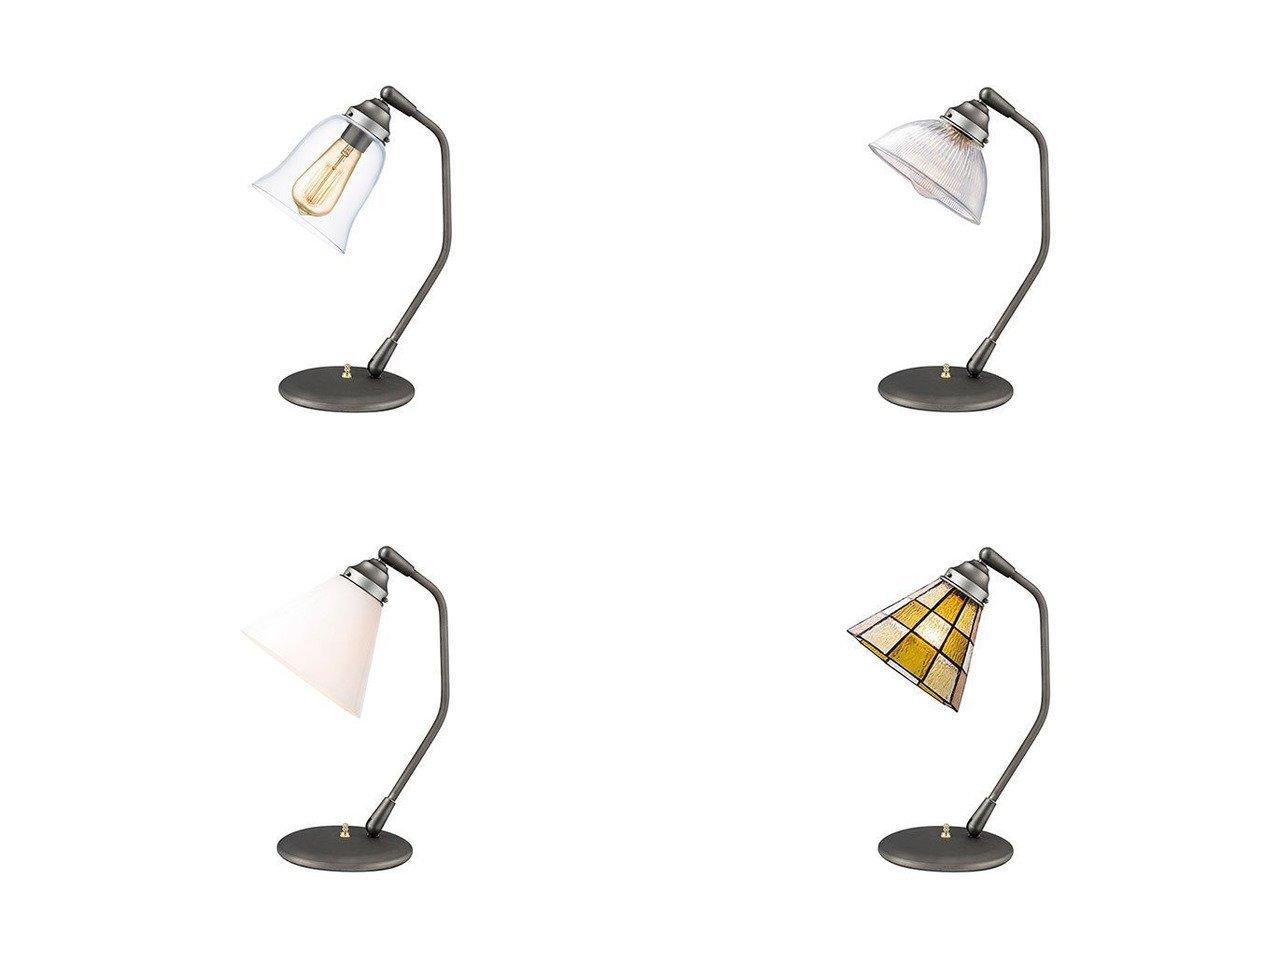 【FLYMEe Factory / GOODS/フライミー ファクトリー】のCUSTOM SERIES Classic Desk Lamp × カスタムシリーズ クラシックデスクランプ × トランス(ソイル)&CUSTOM SERIES Classic Desk Lamp × カスタムシリーズ クラシックデスクランプ × ステンドグラス(チェッカー)&CUSTOM SERIES Classic Desk Lamp × カスタムシリーズ クラシックデスクランプ × トランス(ジャム)&CUSTOM SERI おすすめで人気の流行・トレンド、ファッションの通販商品 メンズファッション・キッズファッション・インテリア・家具・レディースファッション・服の通販 founy(ファニー) https://founy.com/ ガラス クラシック シンプル デスク フォルム イエロー オレンジ ハンド スリット モチーフ 台形 ホームグッズ Home garden 家具・インテリア Furniture ライト・照明 Lighting & Light Fixtures デスクライト・テーブルライト |ID:crp329100000015138